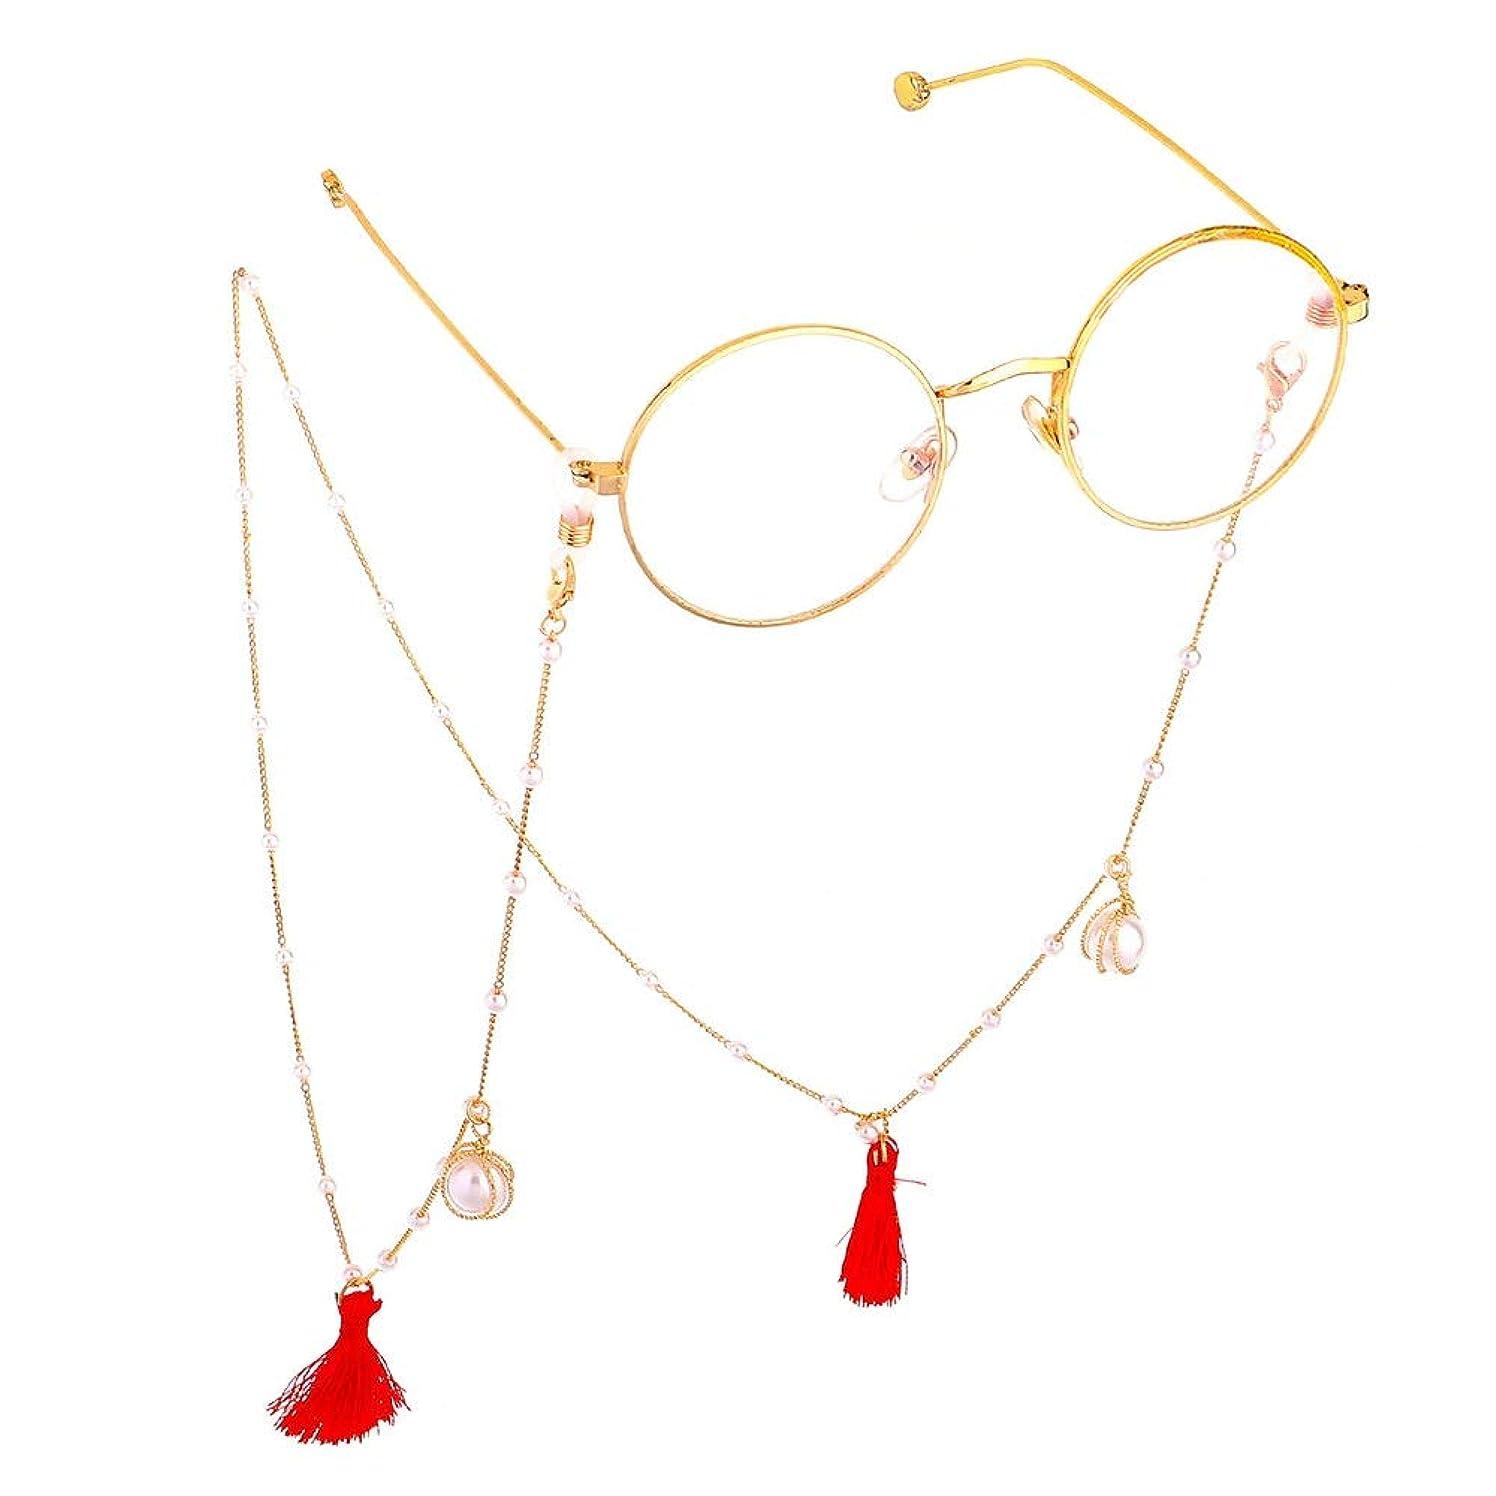 見える破壊的職業眼鏡チェーン フリンジ金で女性のメガネチェーンメタルメガネチェーンメガネロープ (Color : Gold, Size : 70cm)